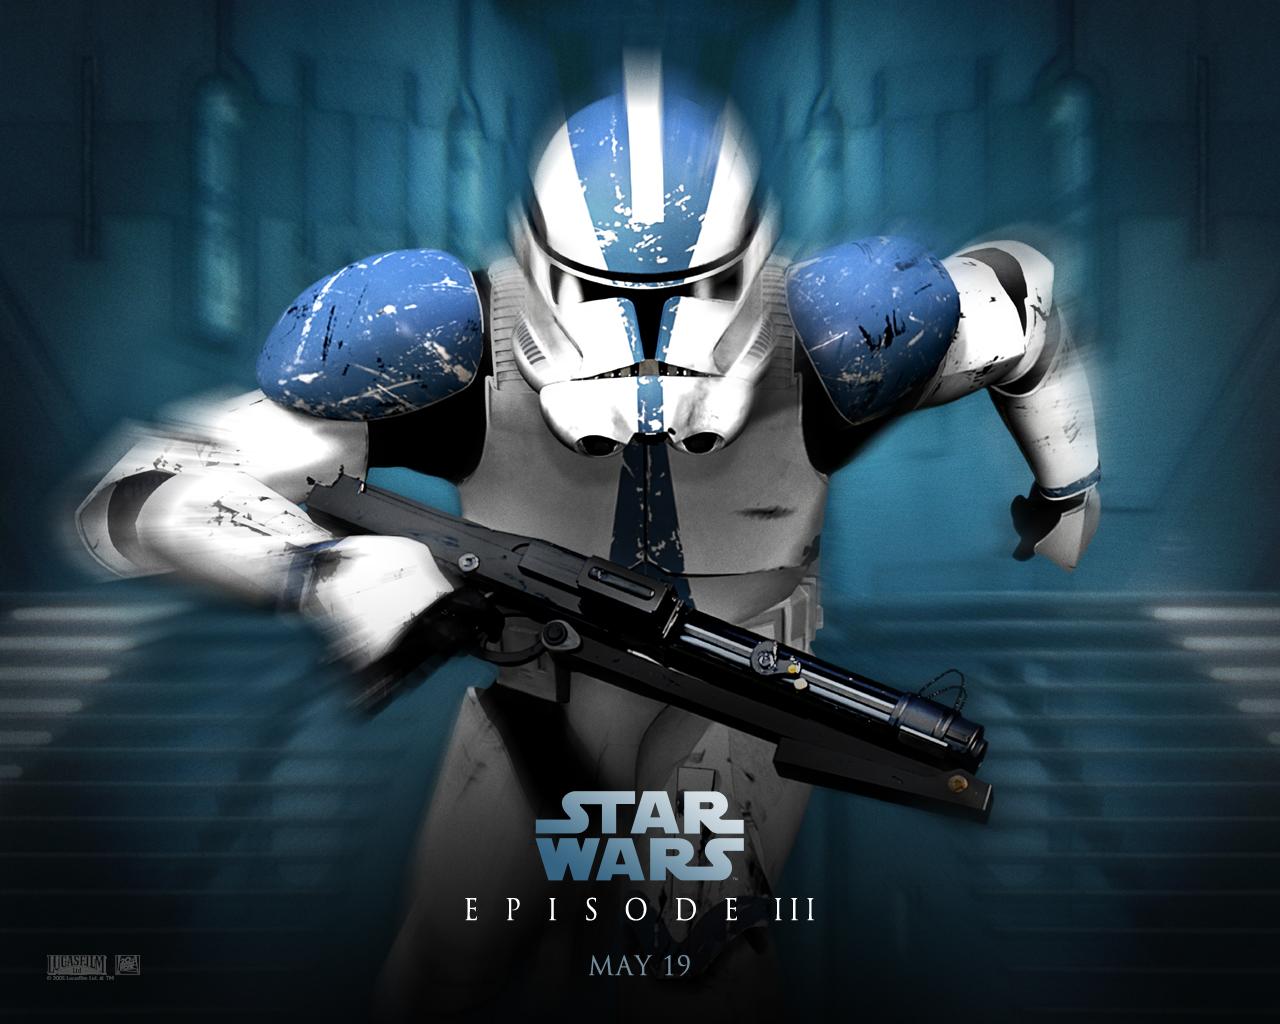 Wallpapers de Star Wars en HD para fanticos   Mil Recursos 1280x1024